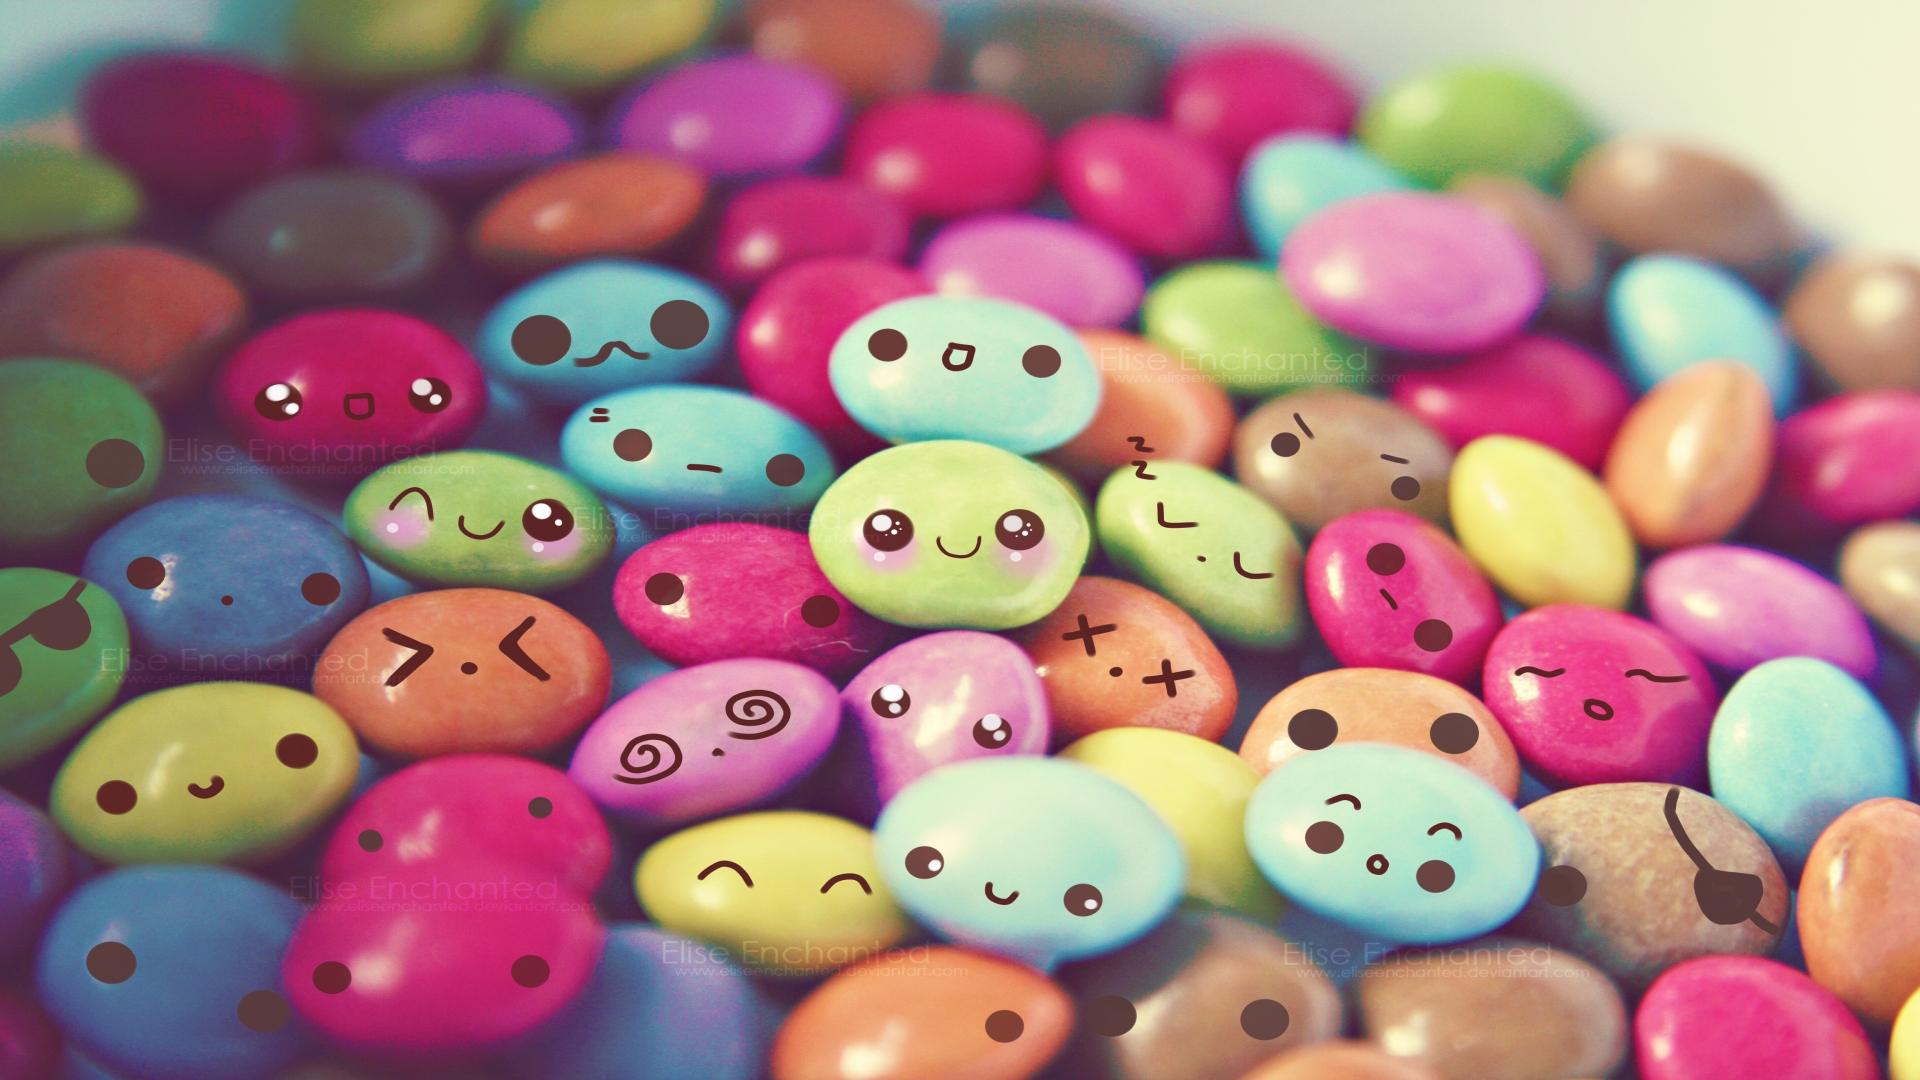 Colorful-Cute-Wallpaper.jpg